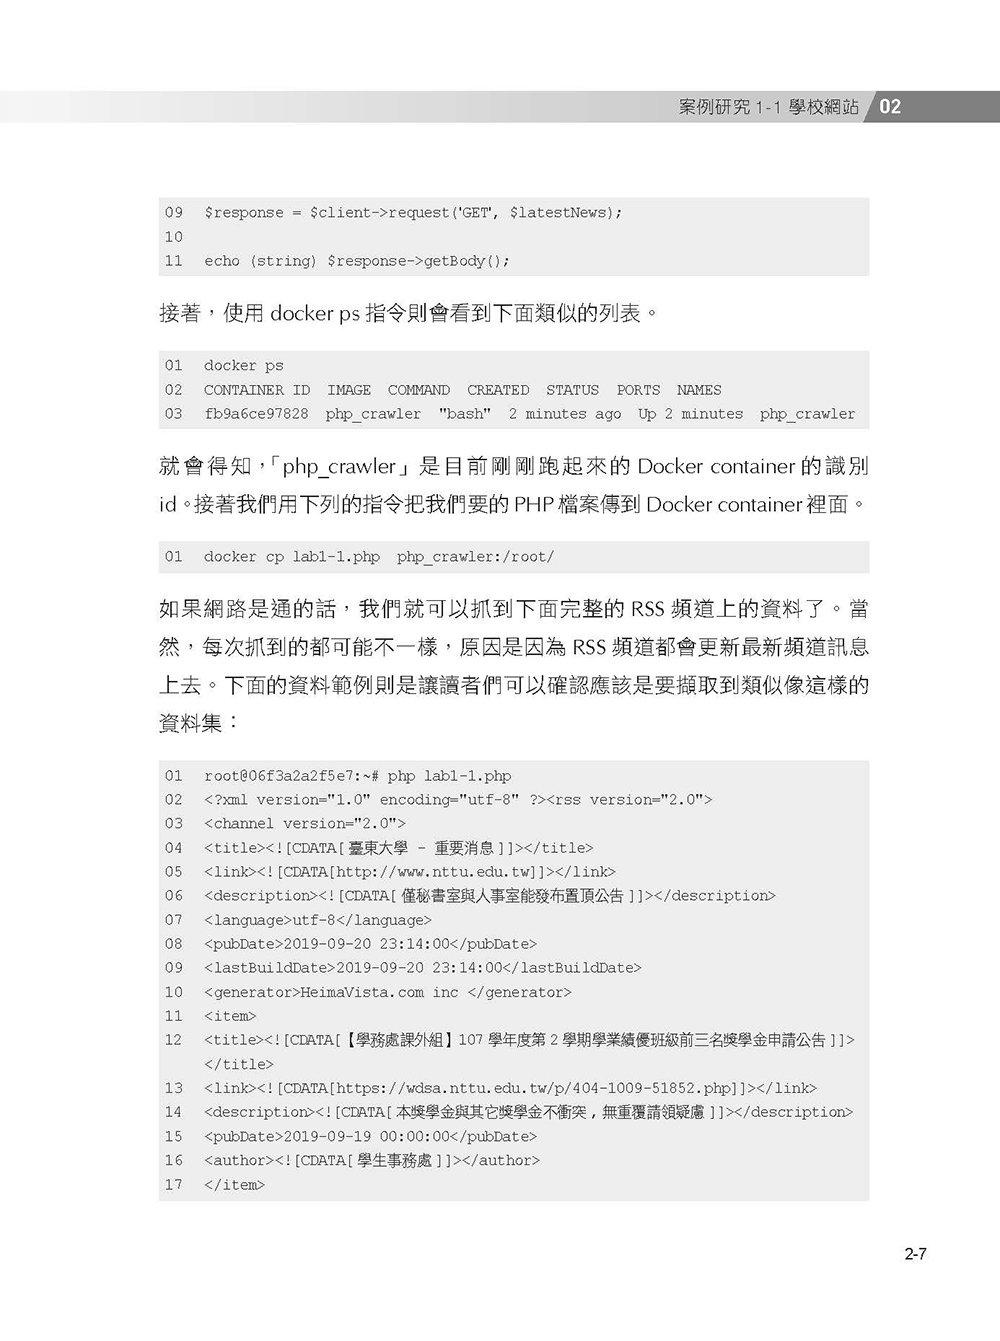 PHP 網路爬蟲開發:入門到進階的爬蟲技術指南(iT邦幫忙鐵人賽系列書)-preview-16